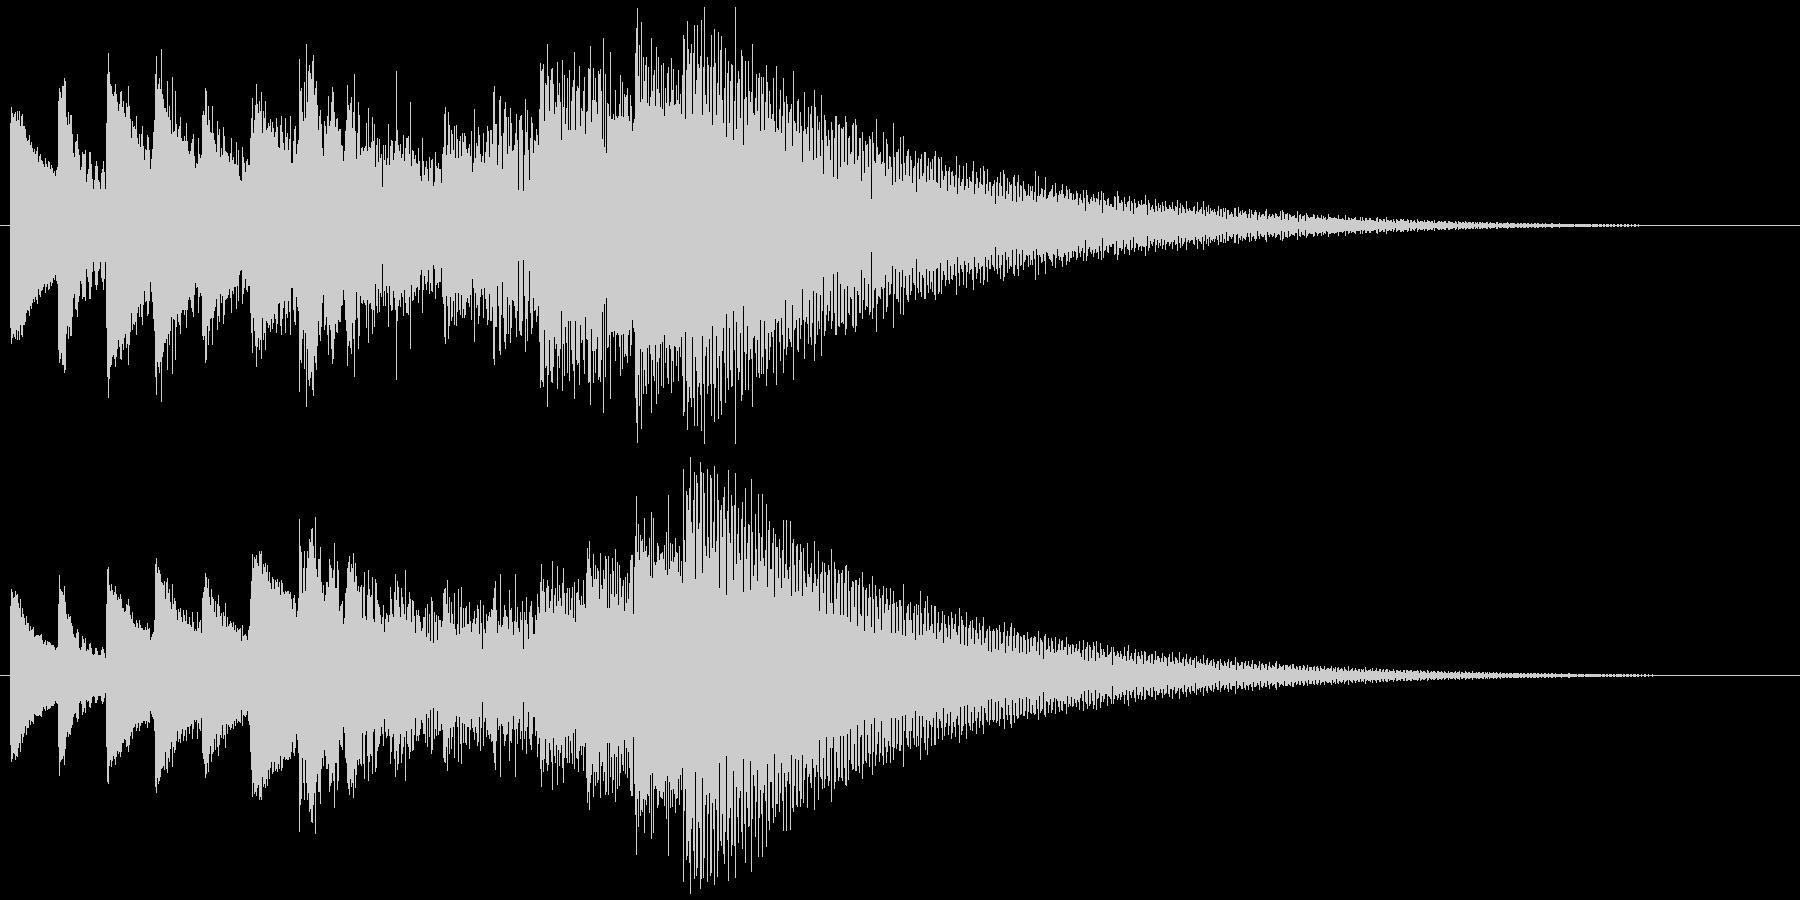 キラキラーン ゆっくり上昇(鉄琴風)の未再生の波形